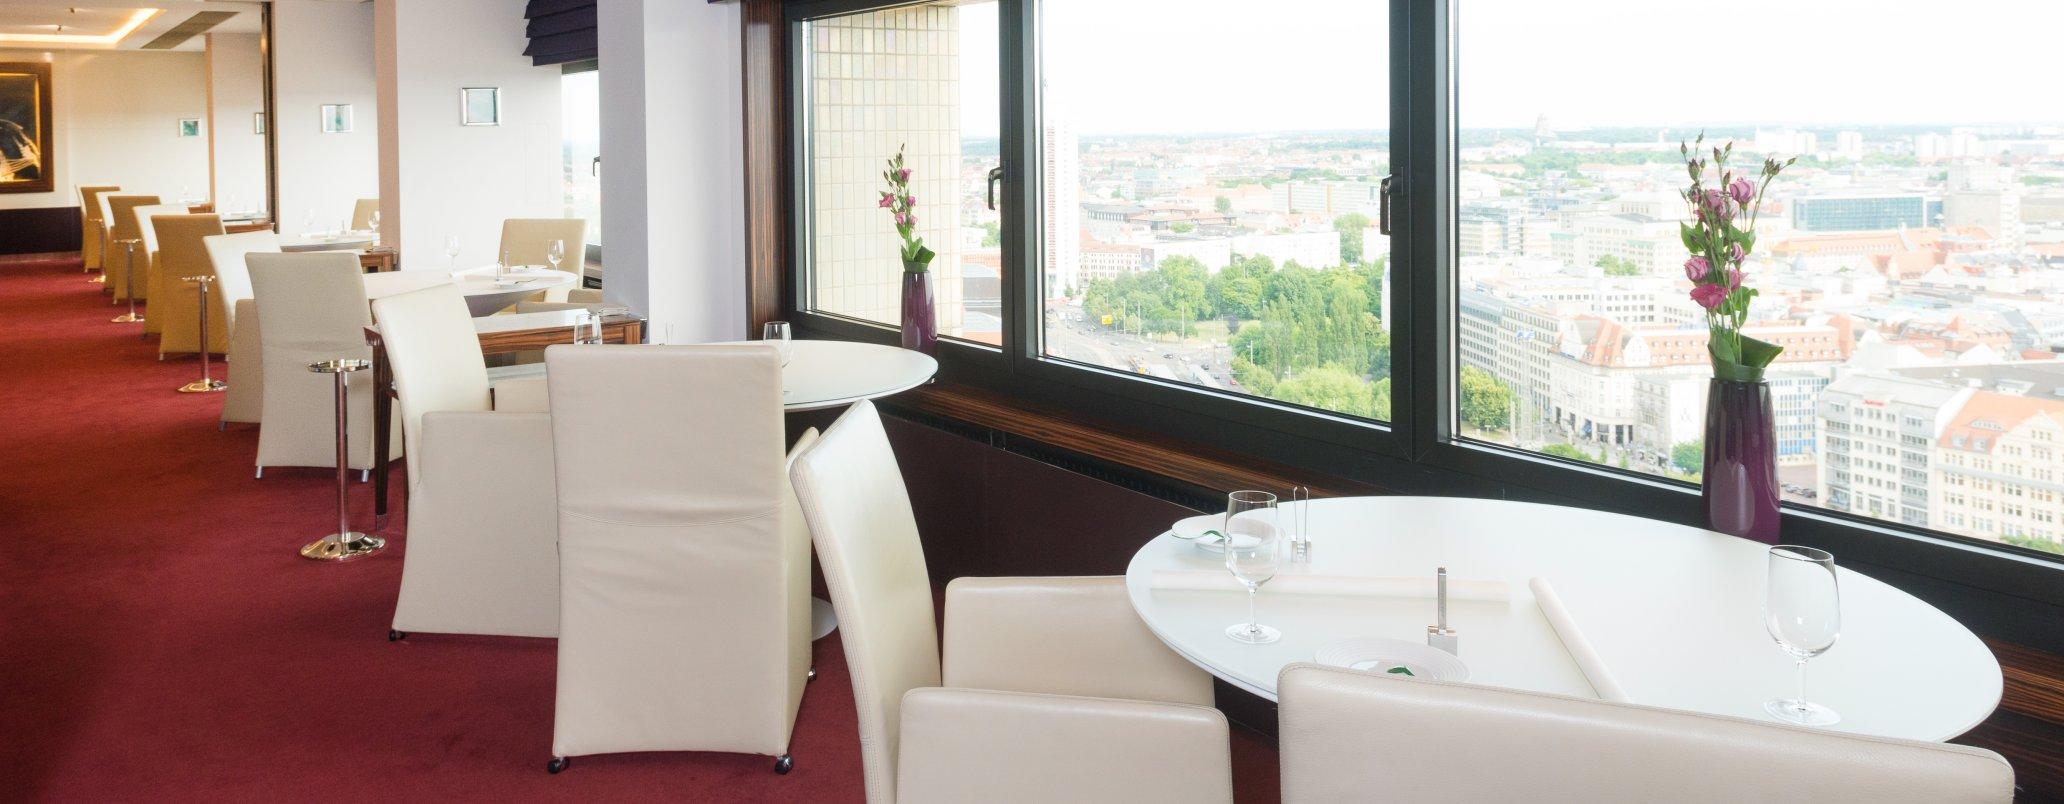 Restaurant Falco Leipzig Gourmet Restaurant Designer Furniture By Smow Com